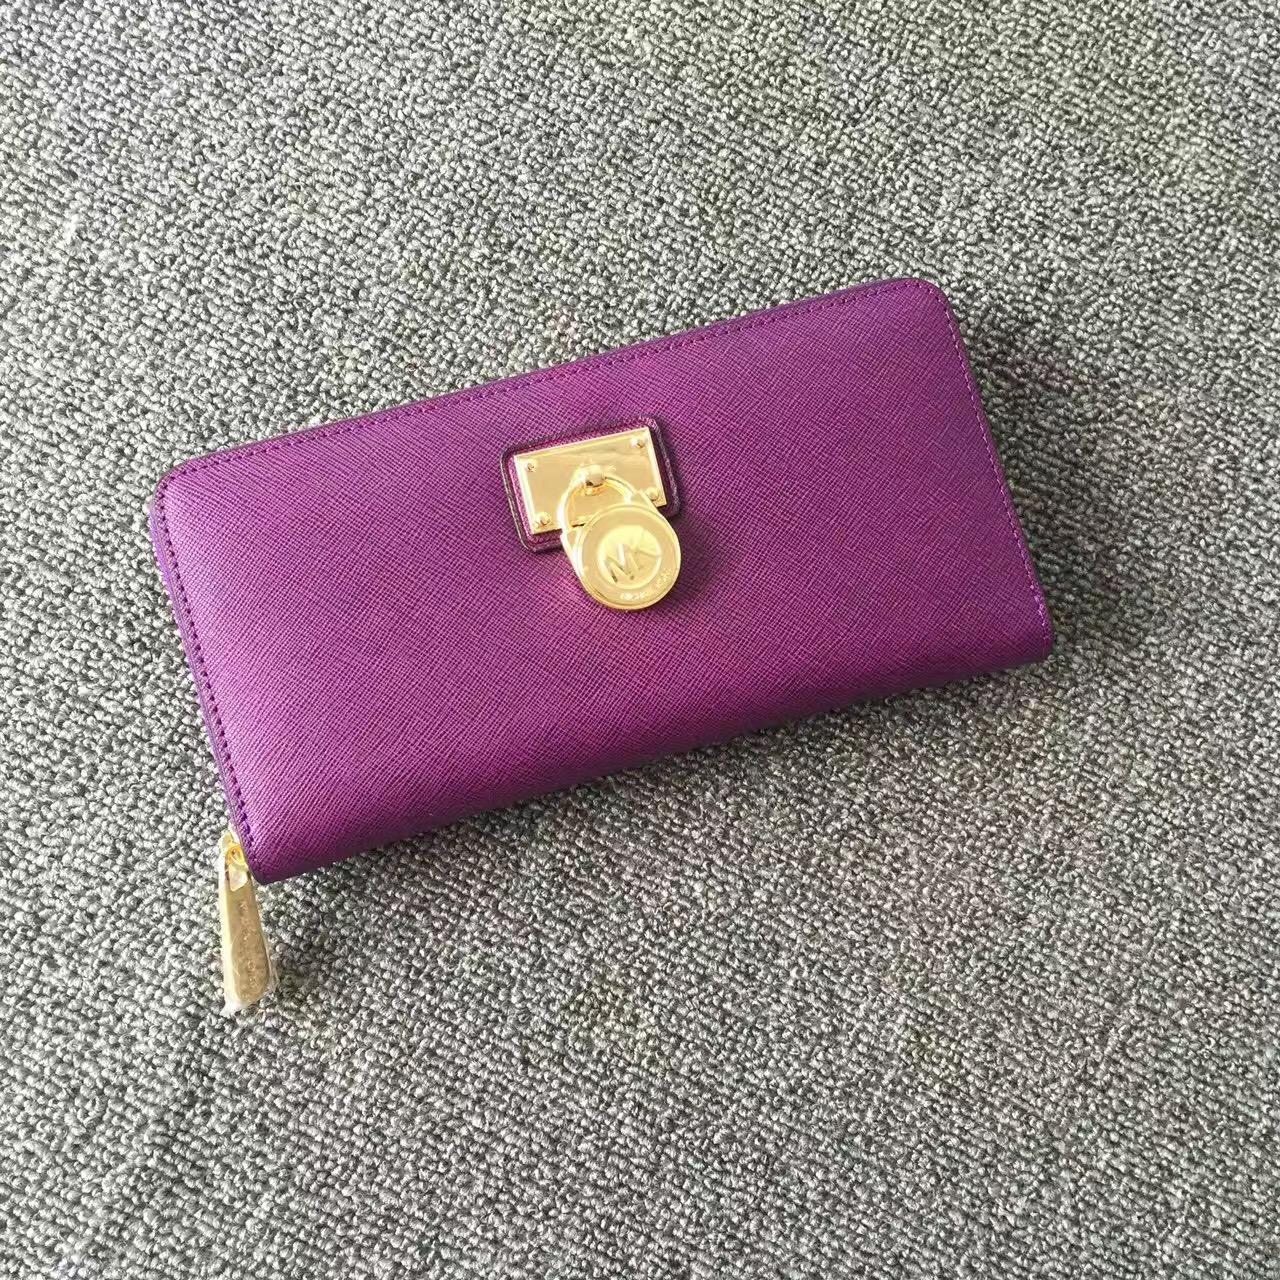 2017 New Michael Kors Lock Women Small Wallets Purple